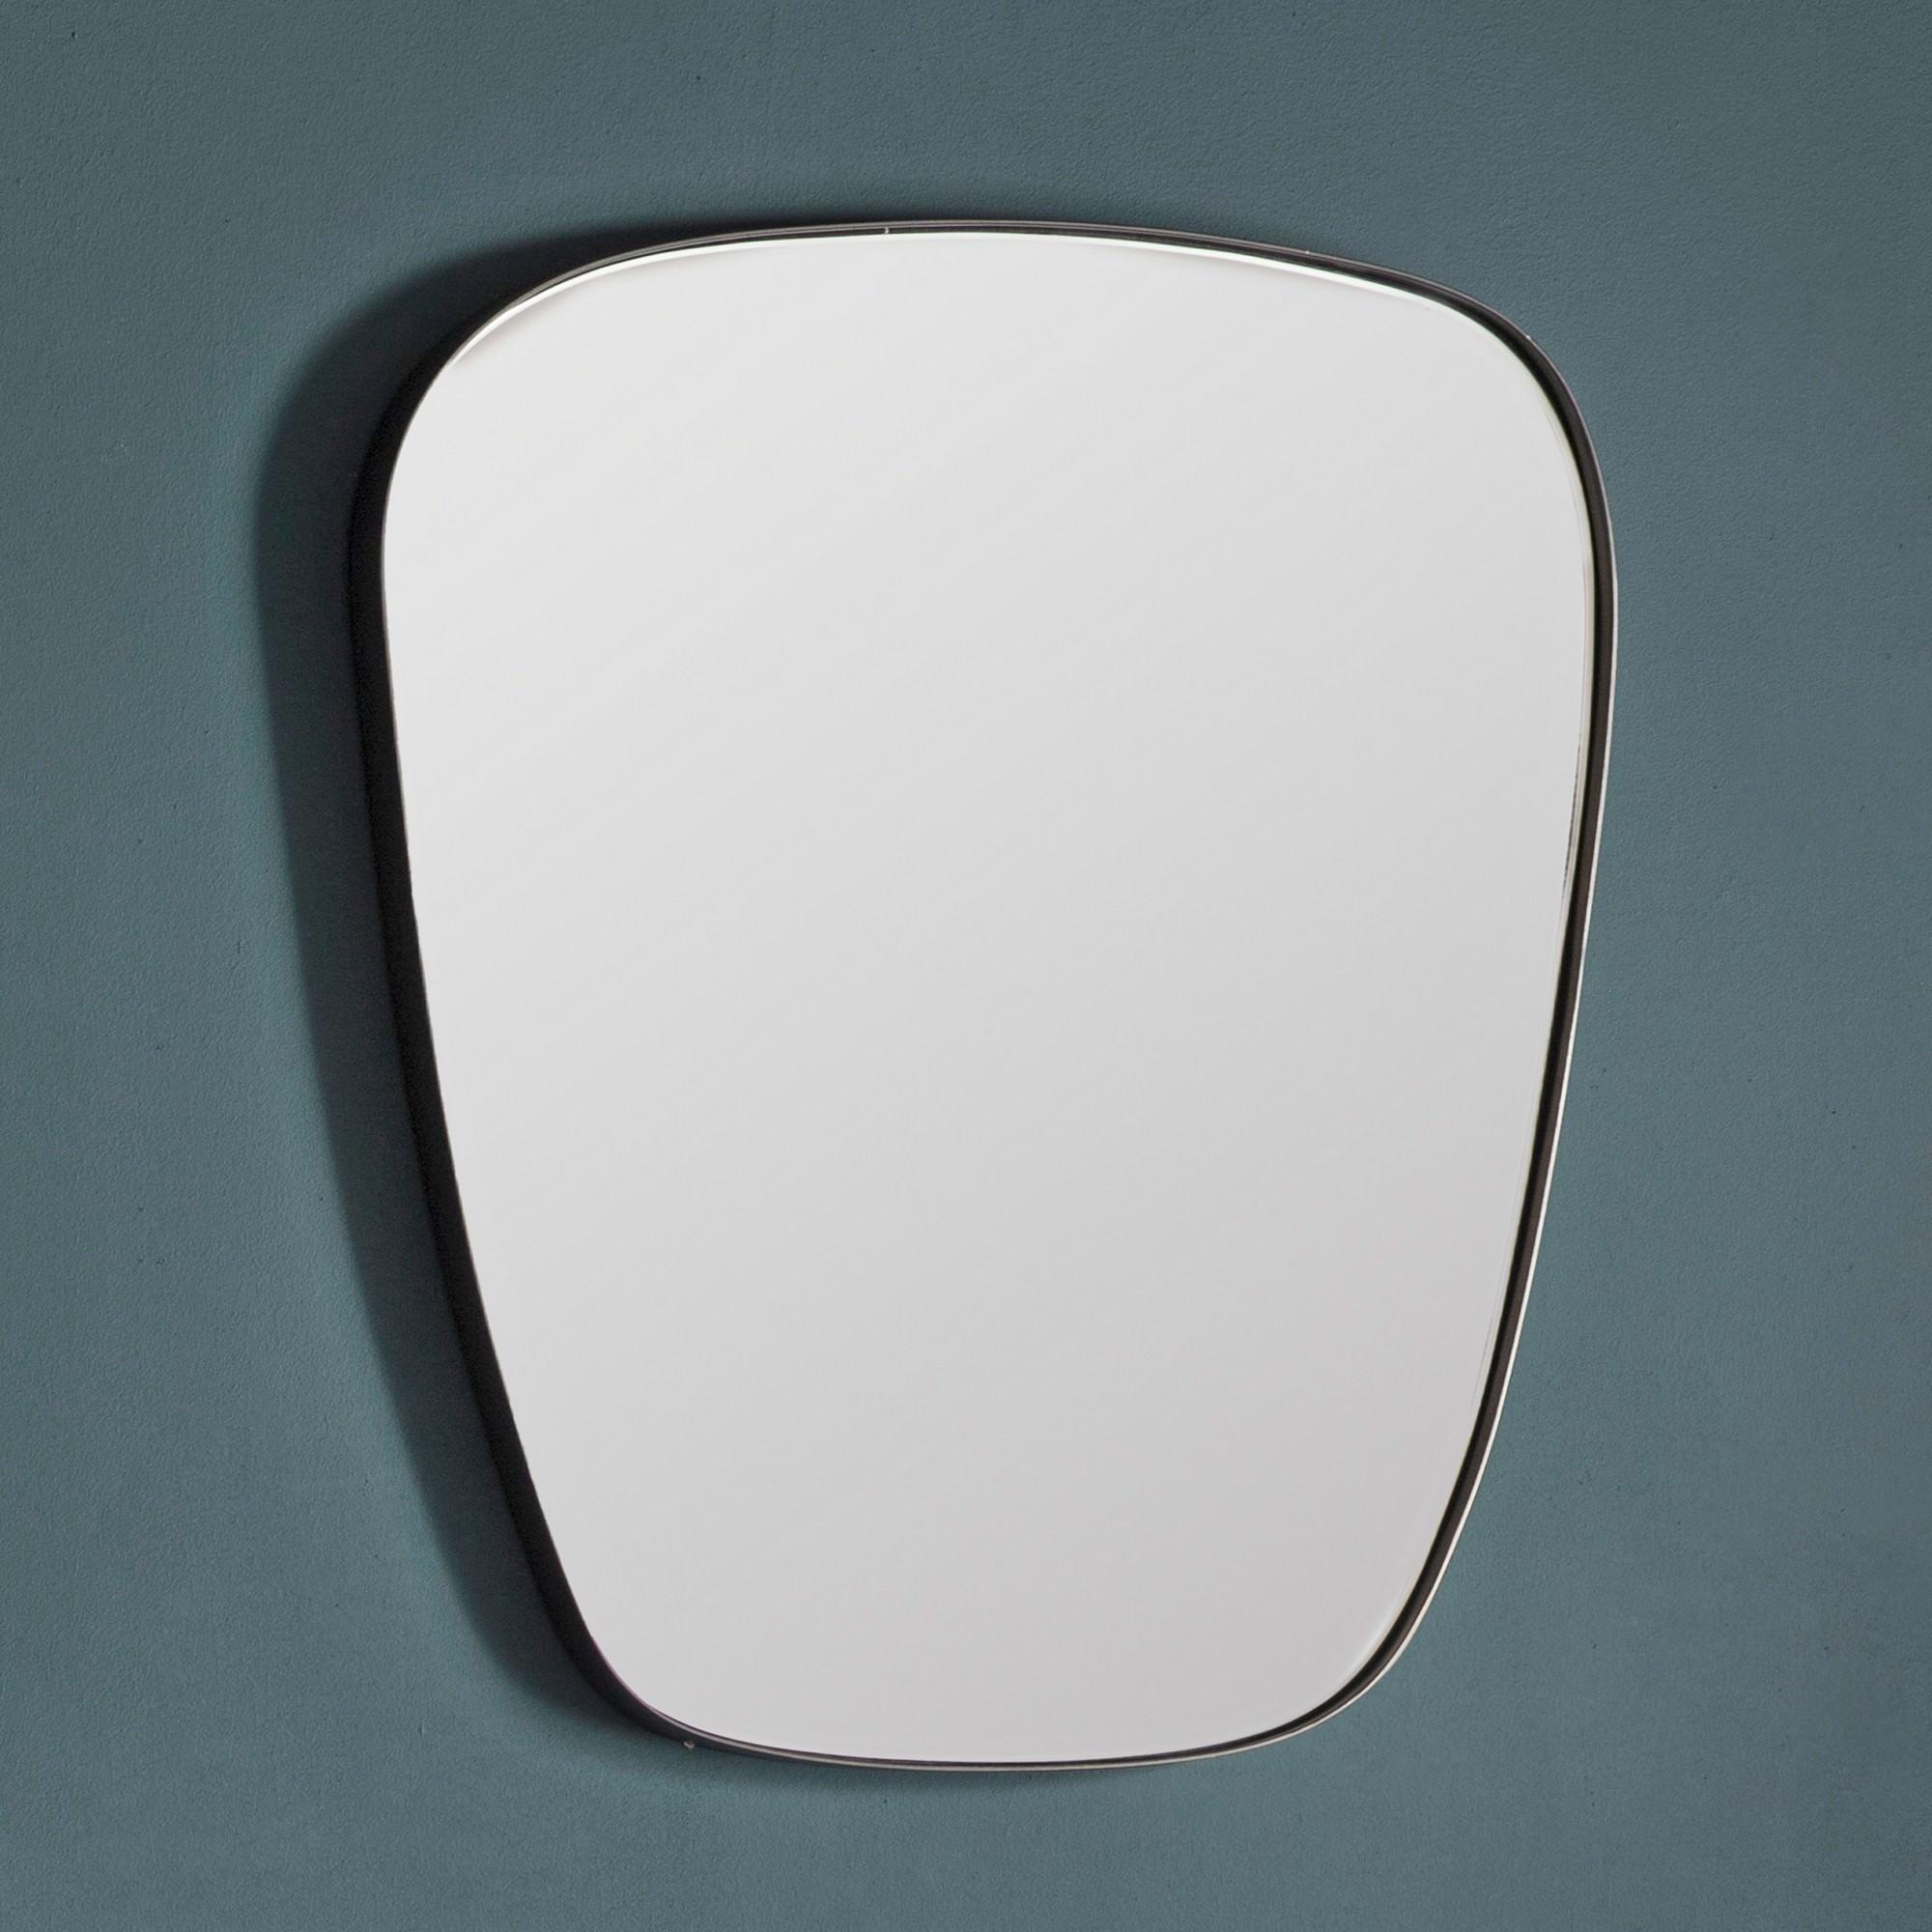 Ansa Iron Frame Wall Mirror, 76cm